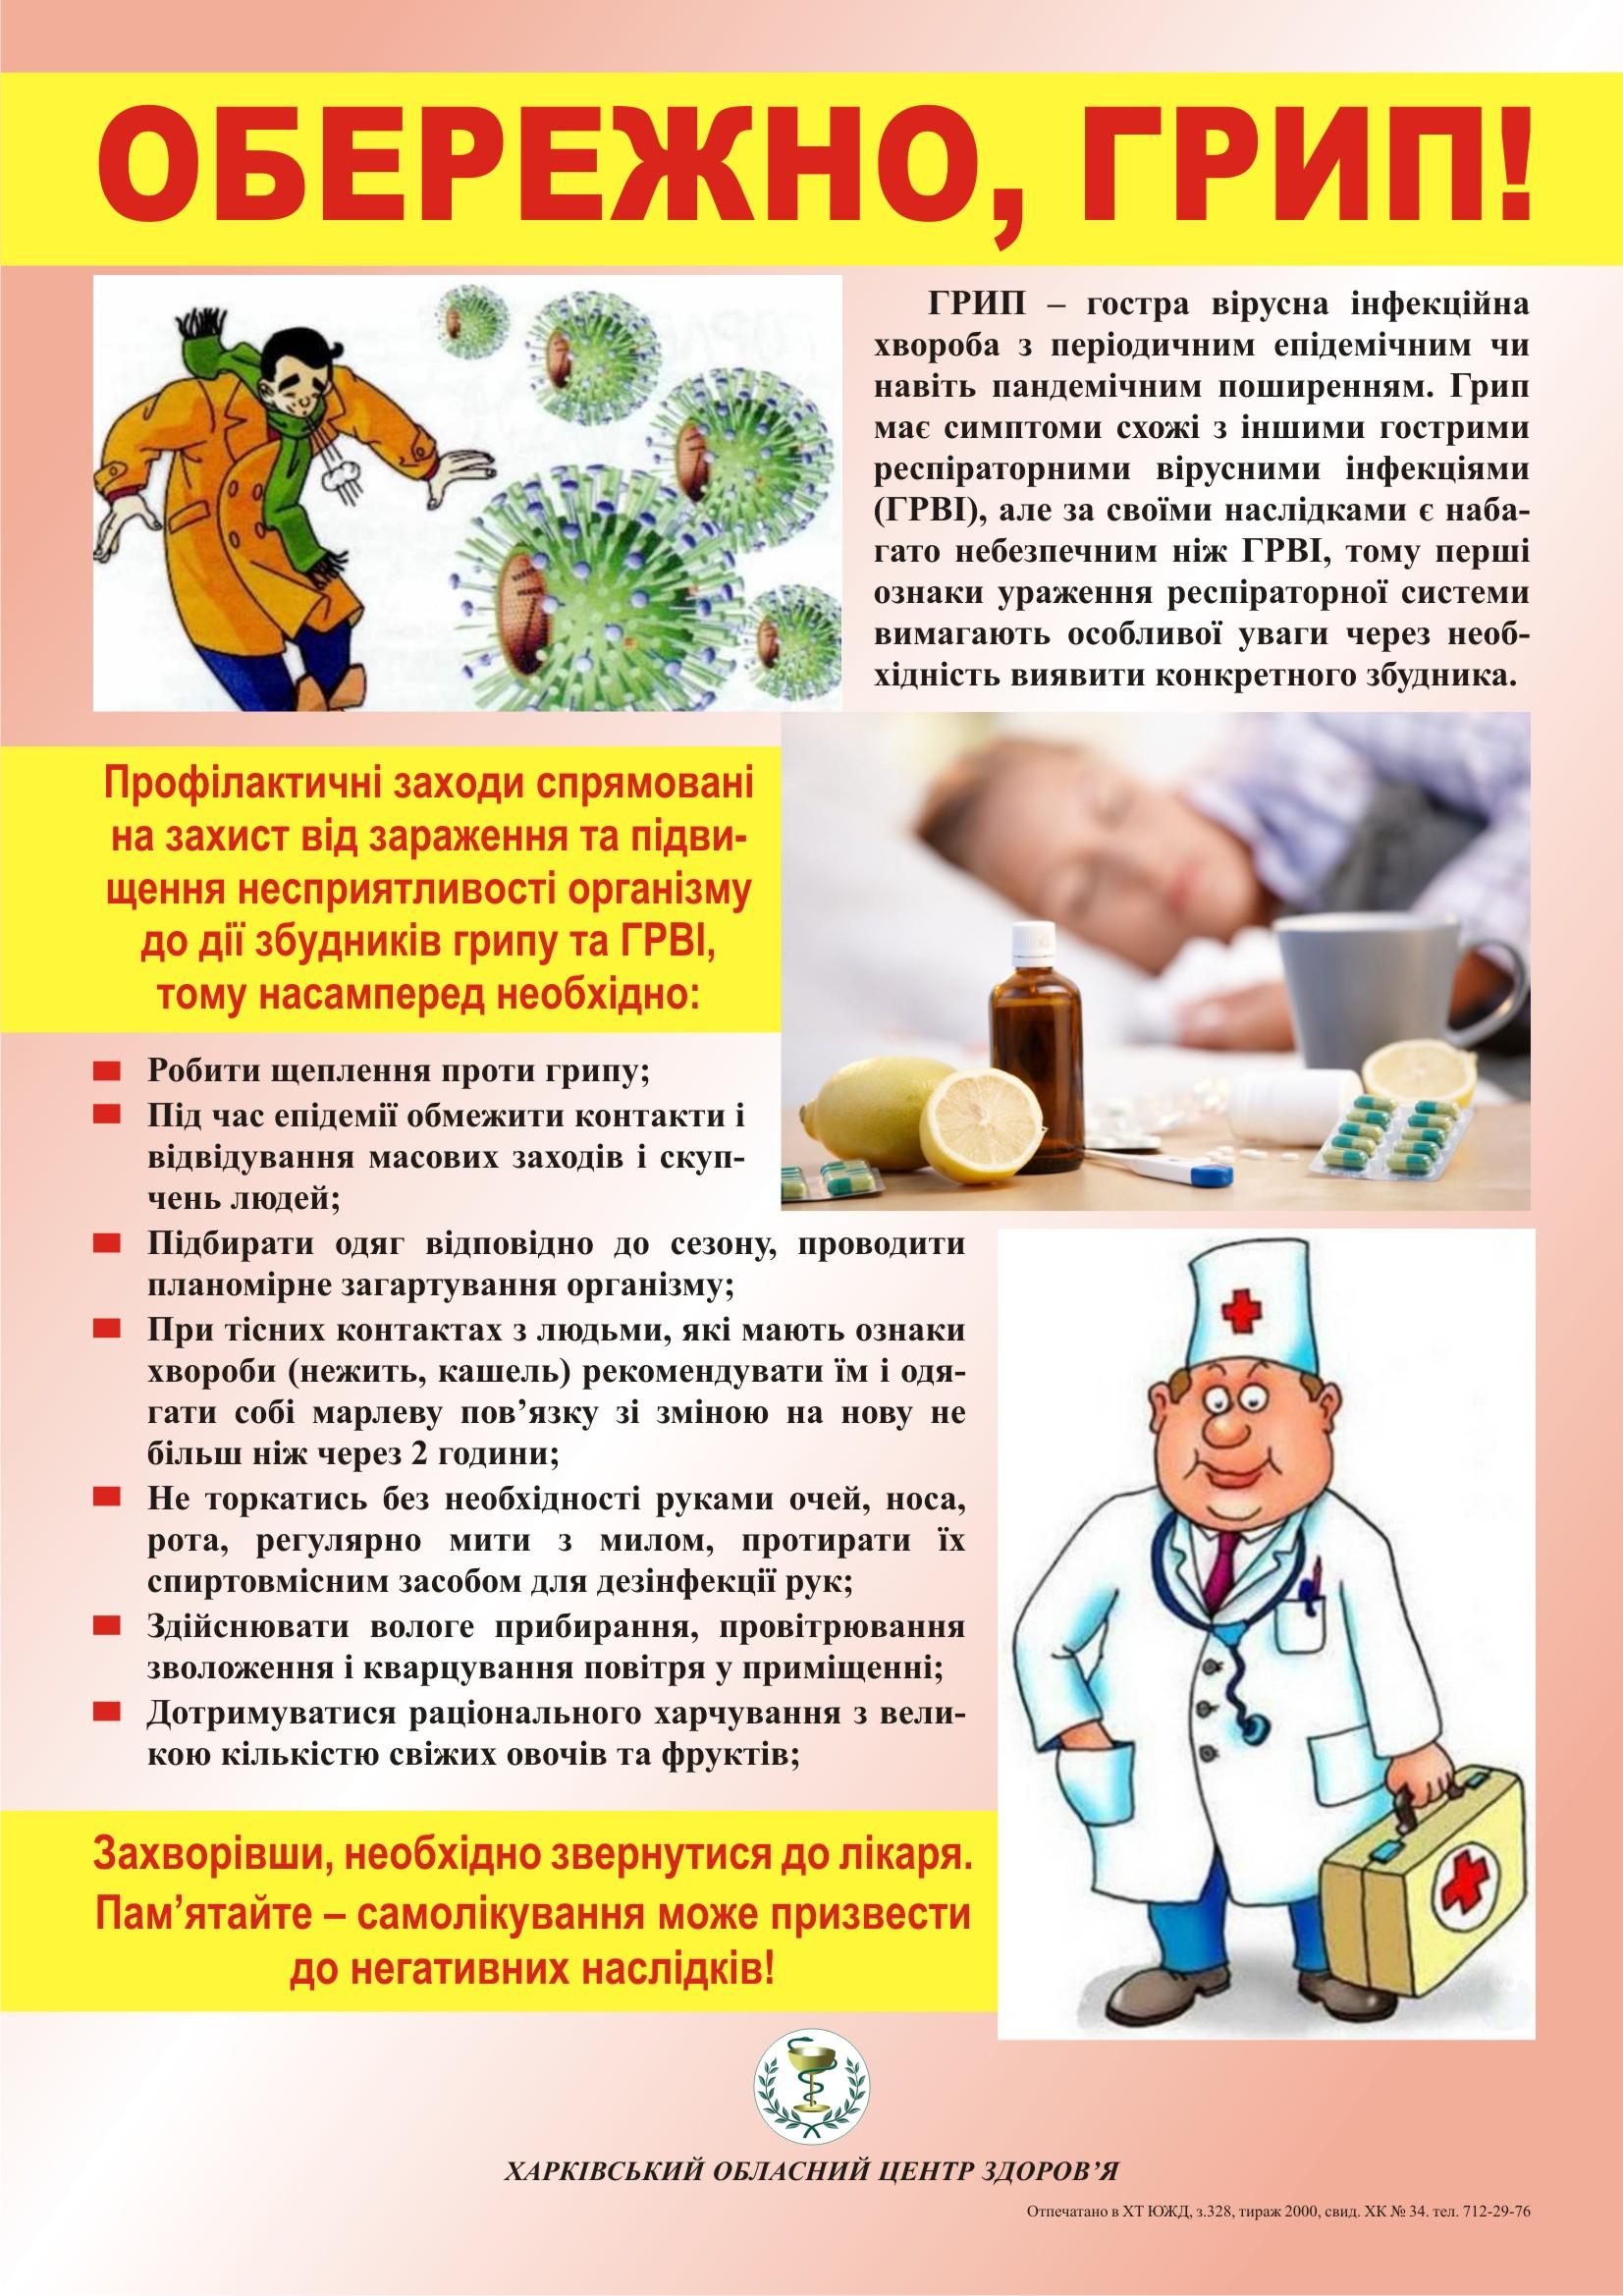 Обережно-грип!, грип,